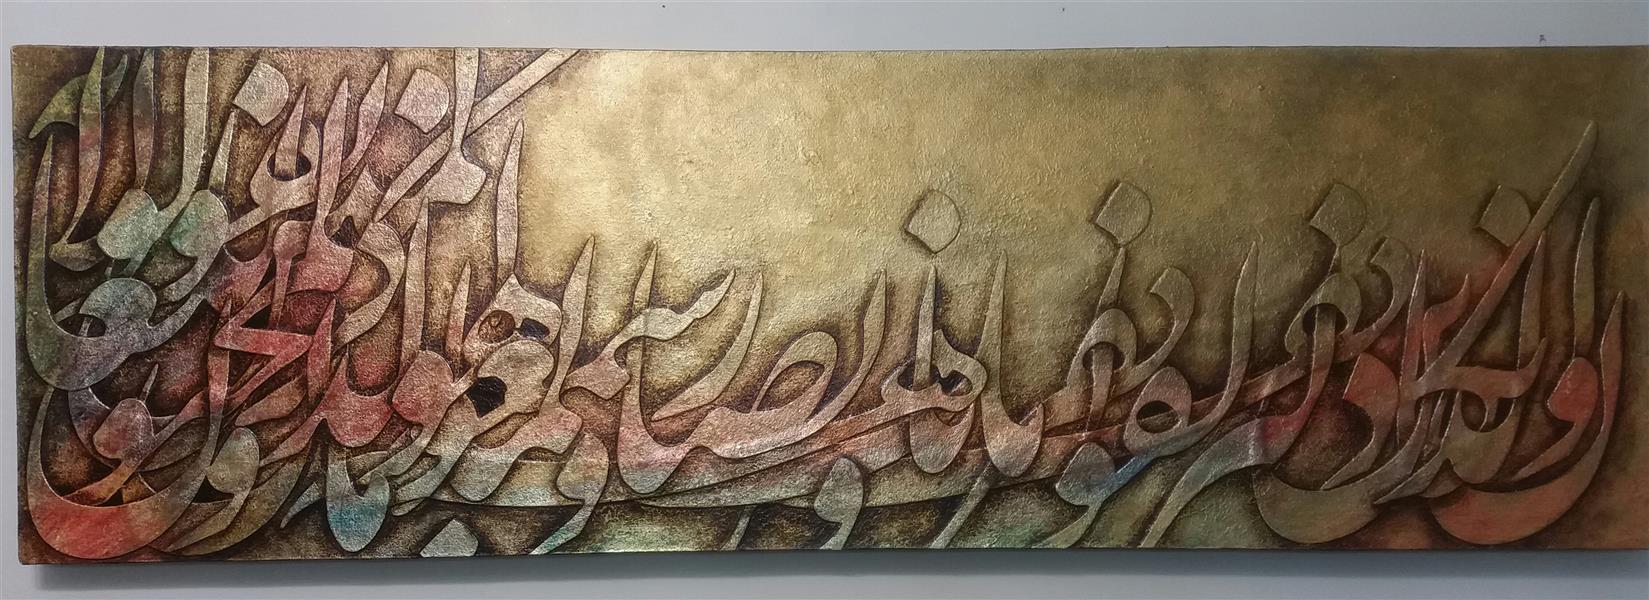 هنر خوشنویسی محفل خوشنویسی احسان گودرزی #تابلو نقاشی خط برجسته ,تکنیک ترکیب مواد بر روی ورق طلا